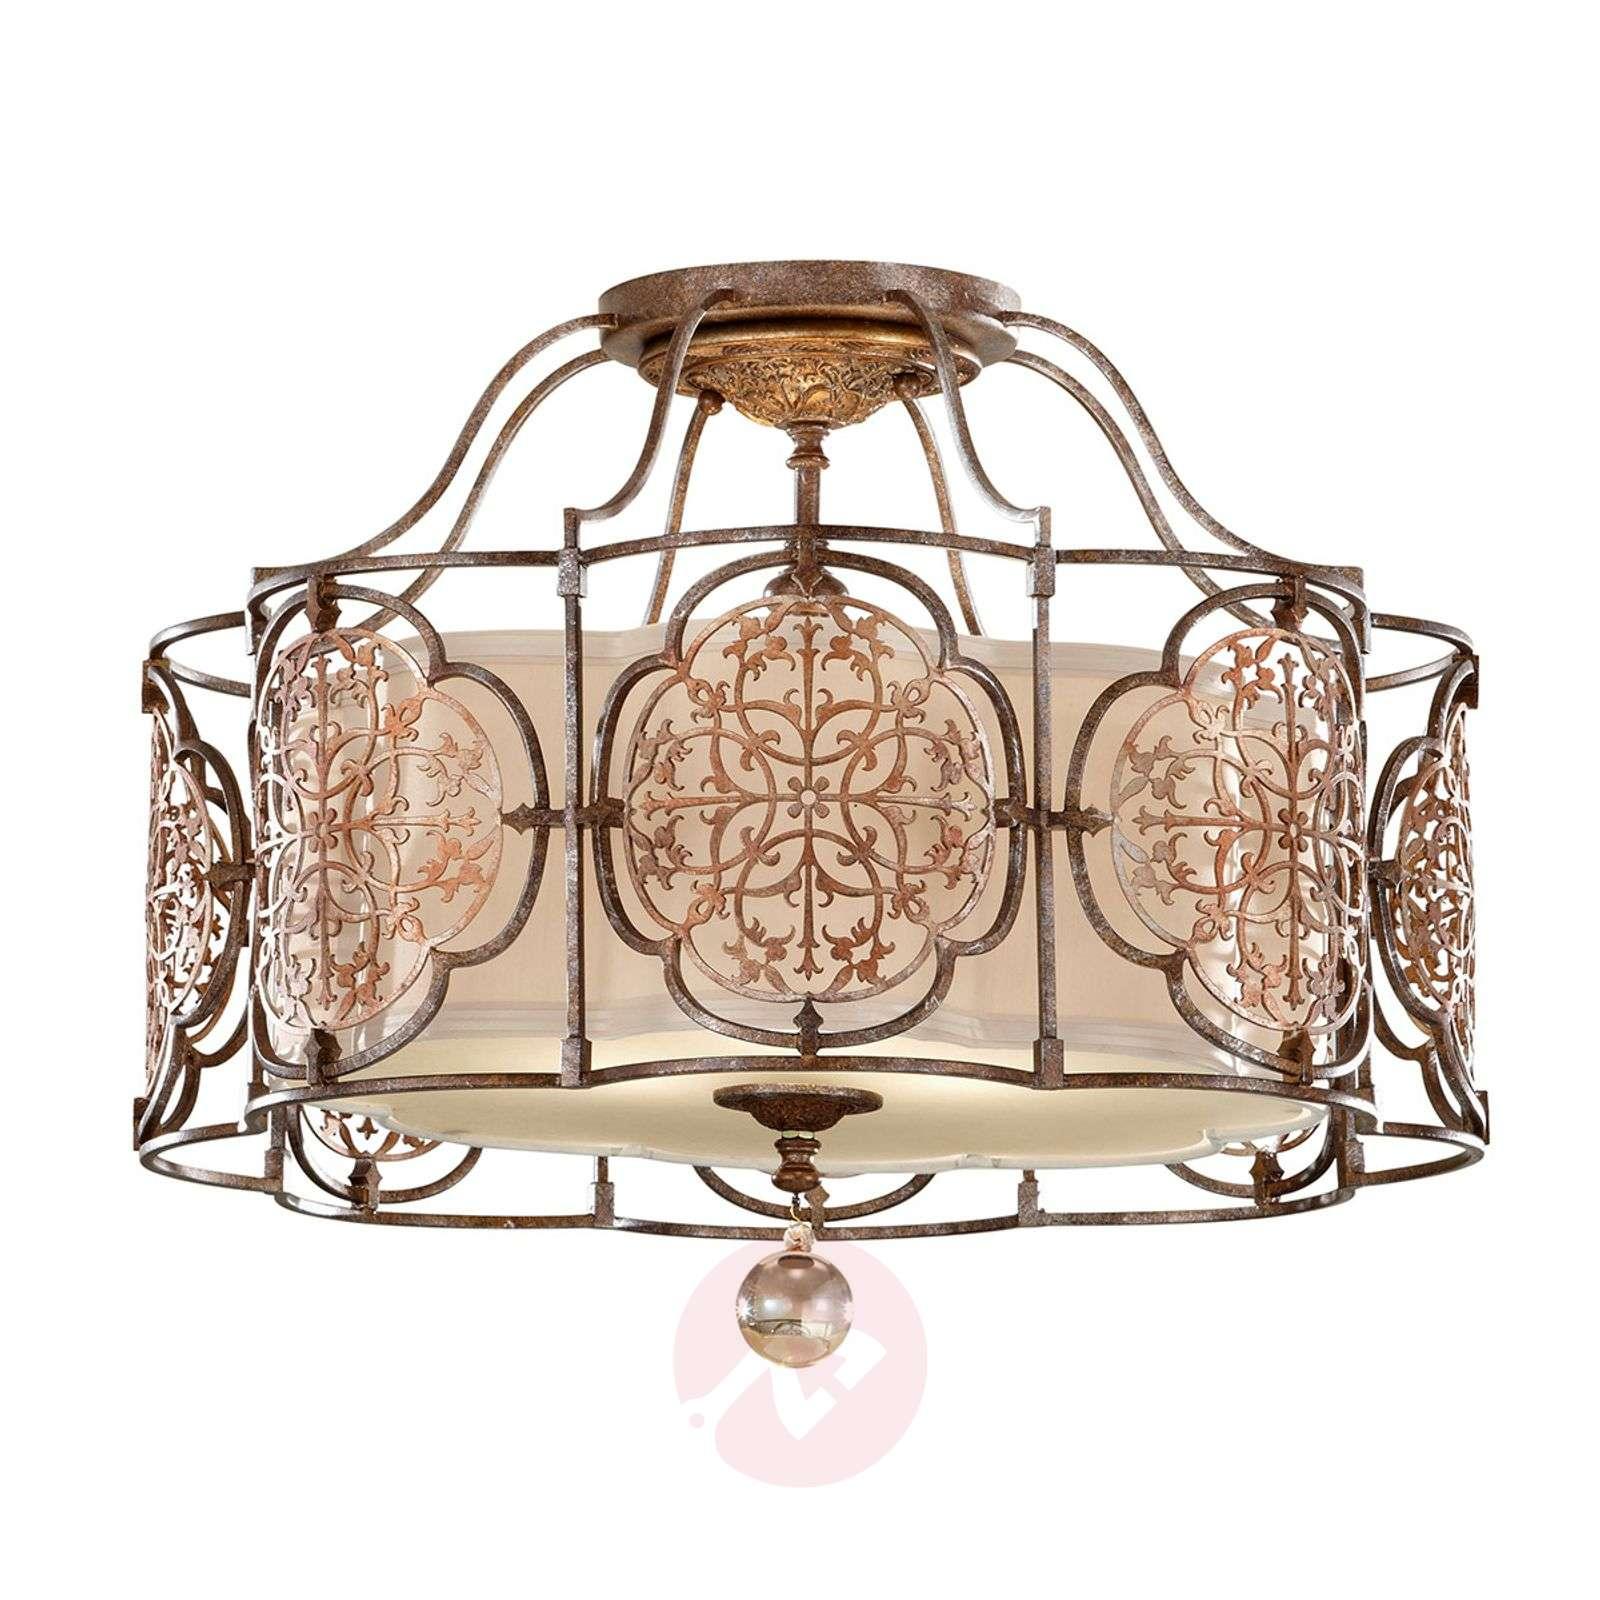 Marcella Ceiling Light Ornate